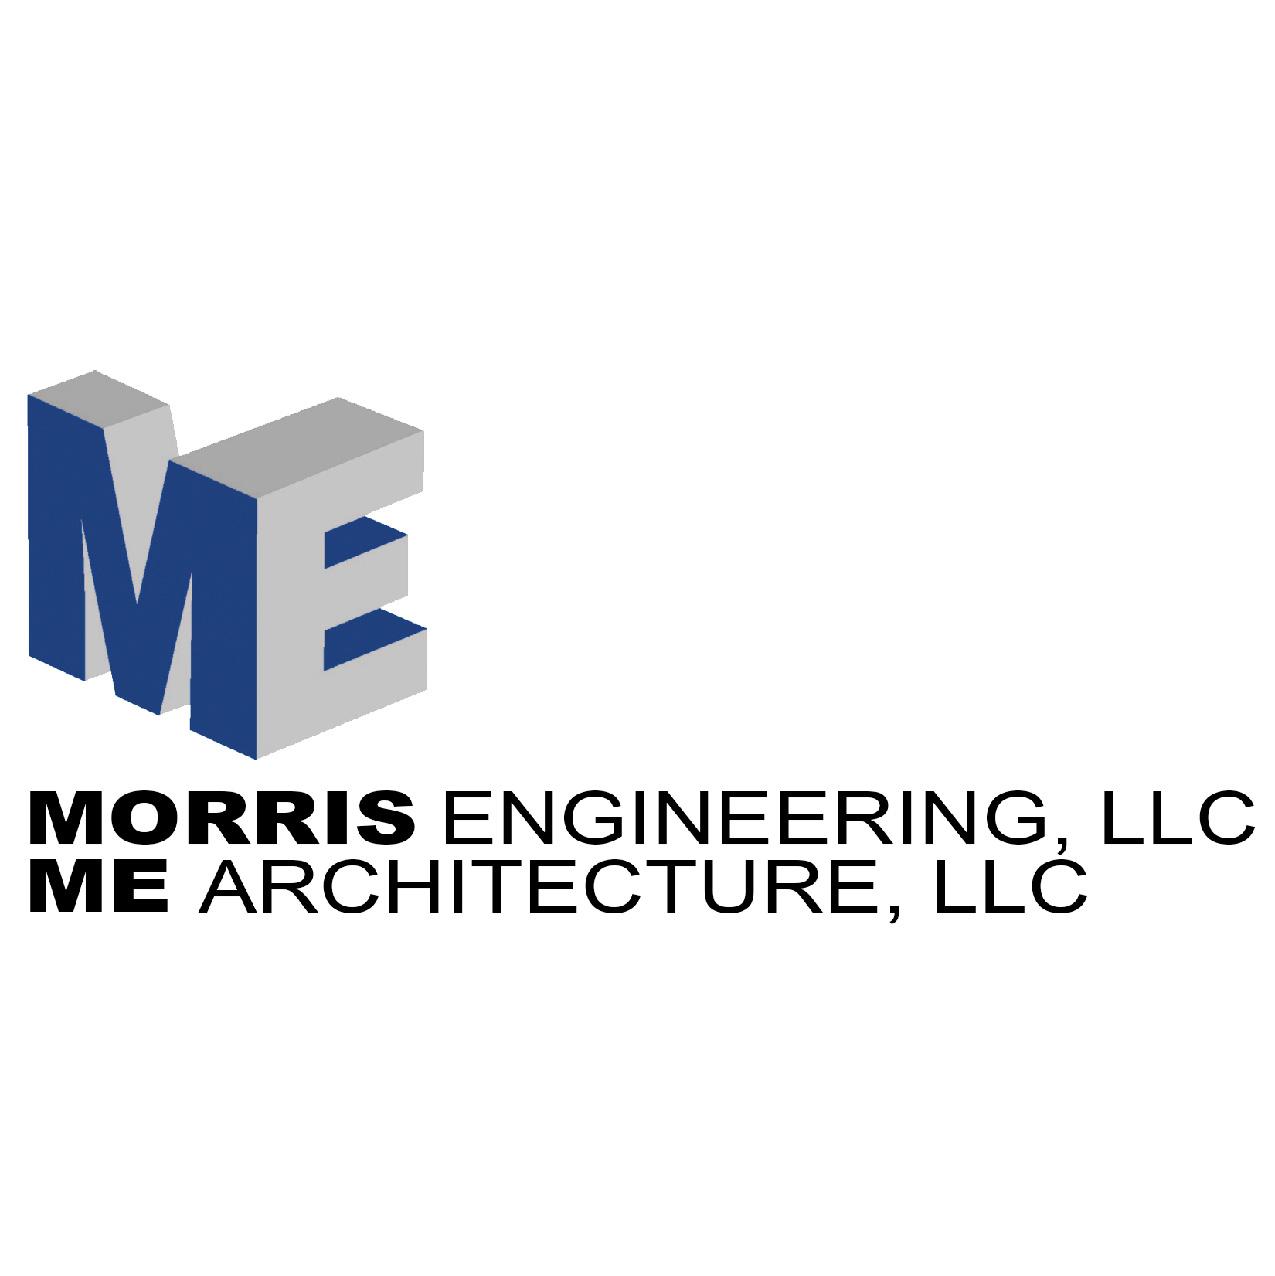 Morris Engineering, LLC